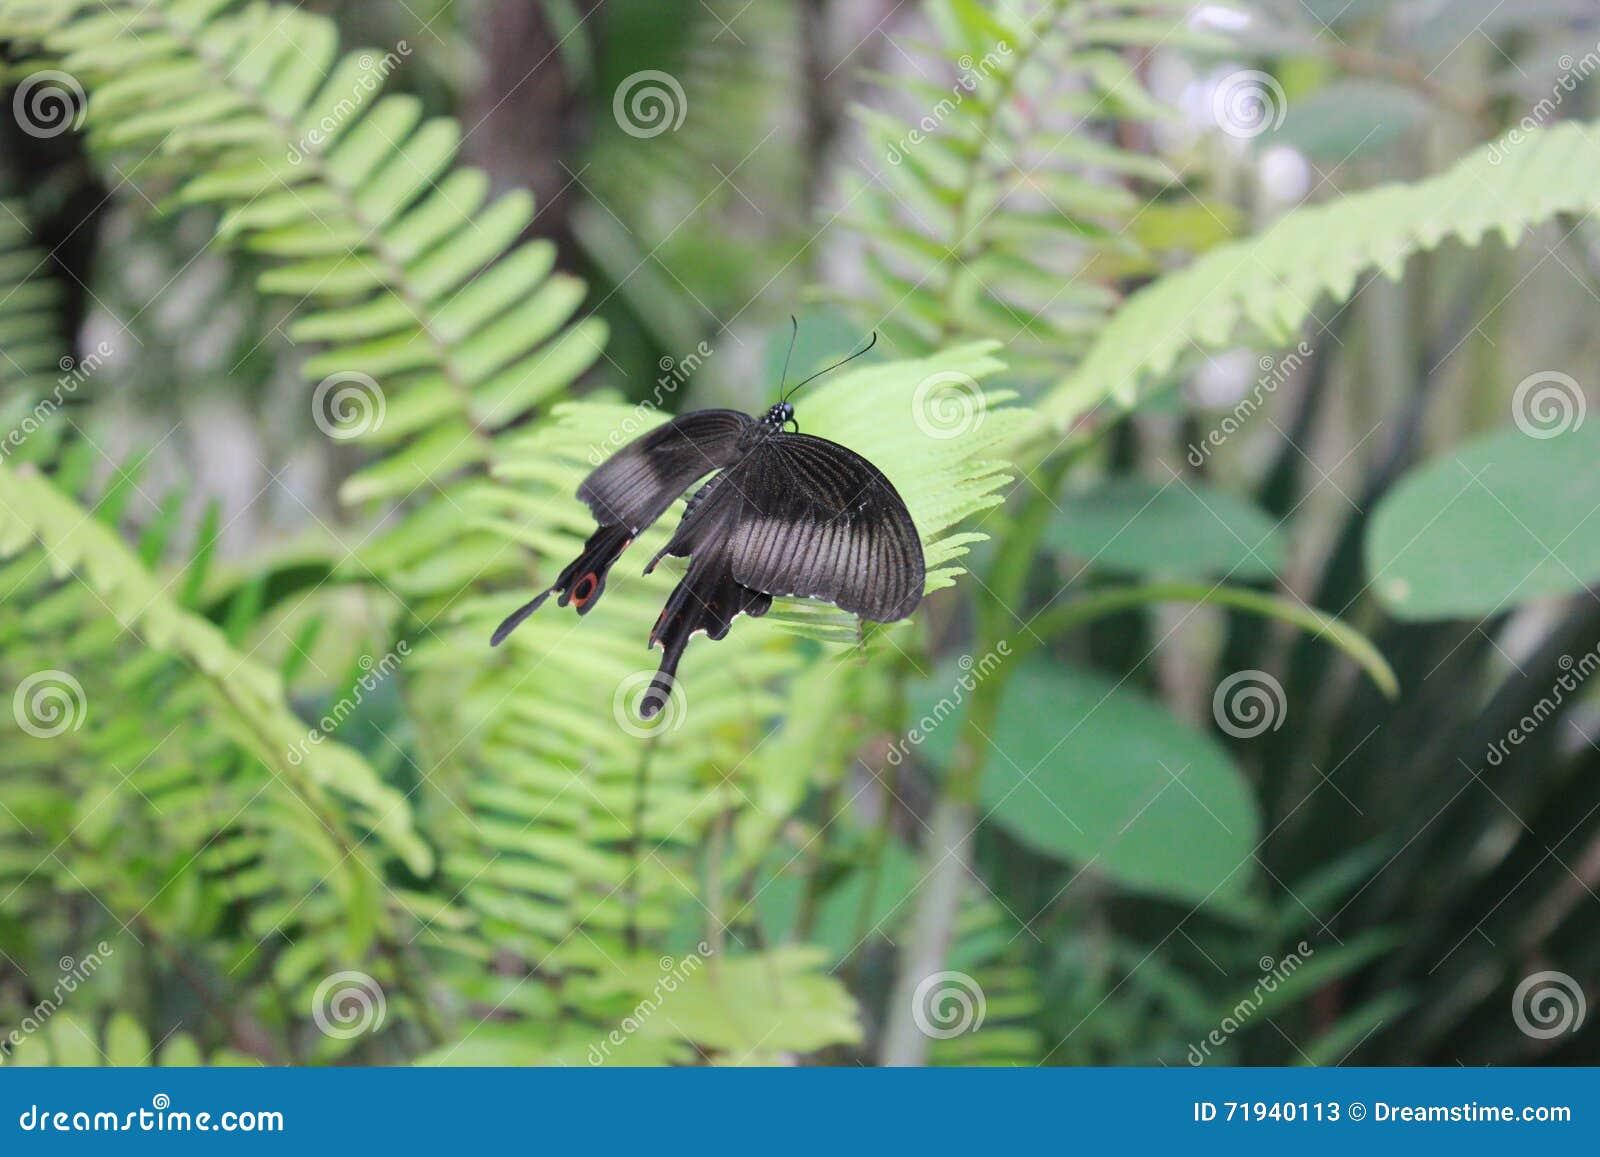 Черный полет бабочек